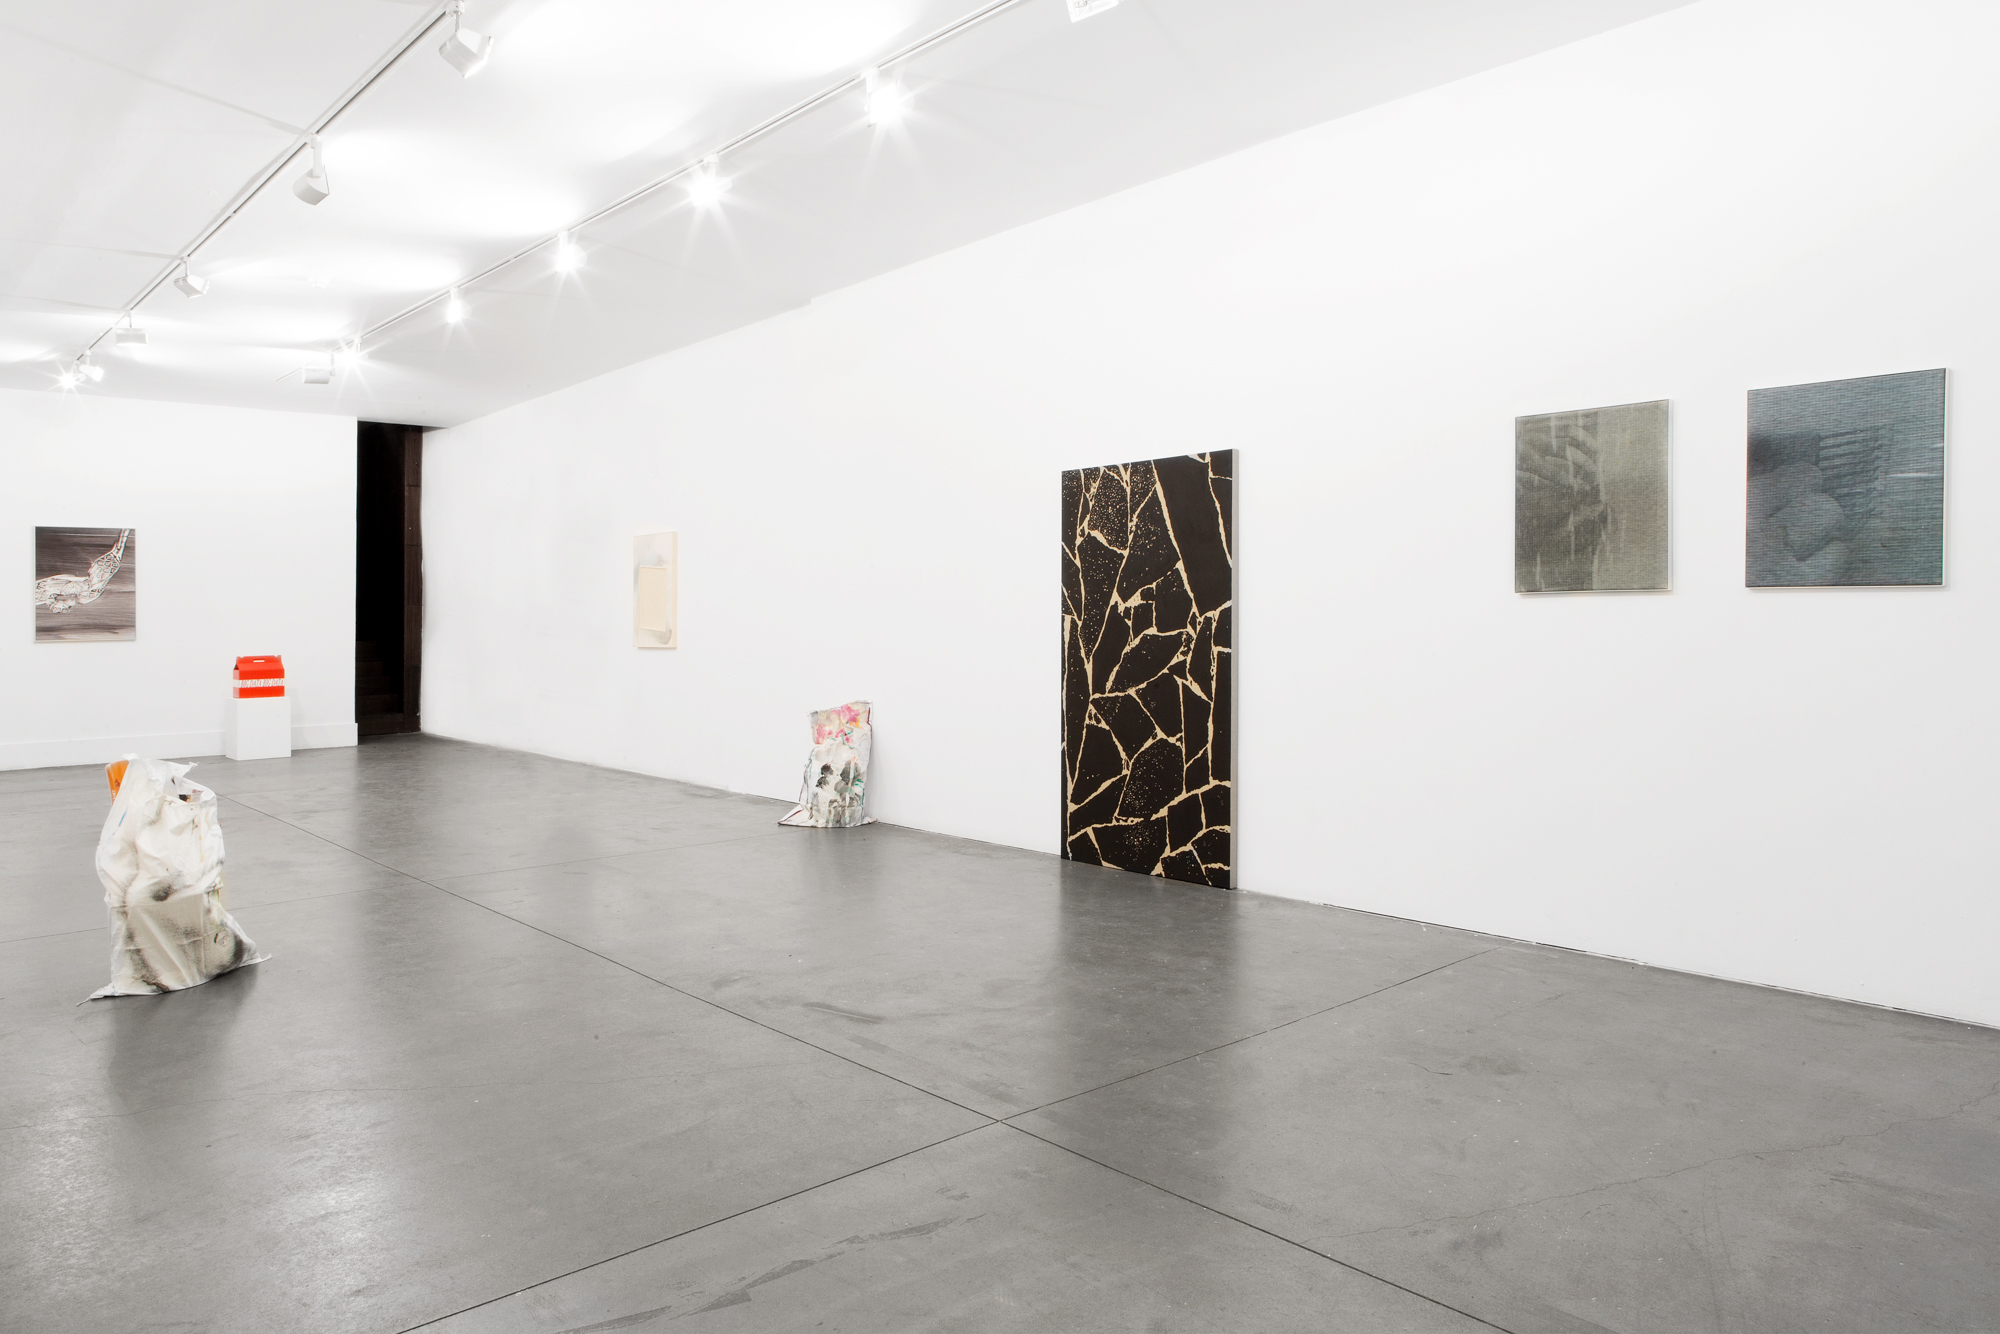 Aujourd'hui je dis oui Galeria Boavista, 2016